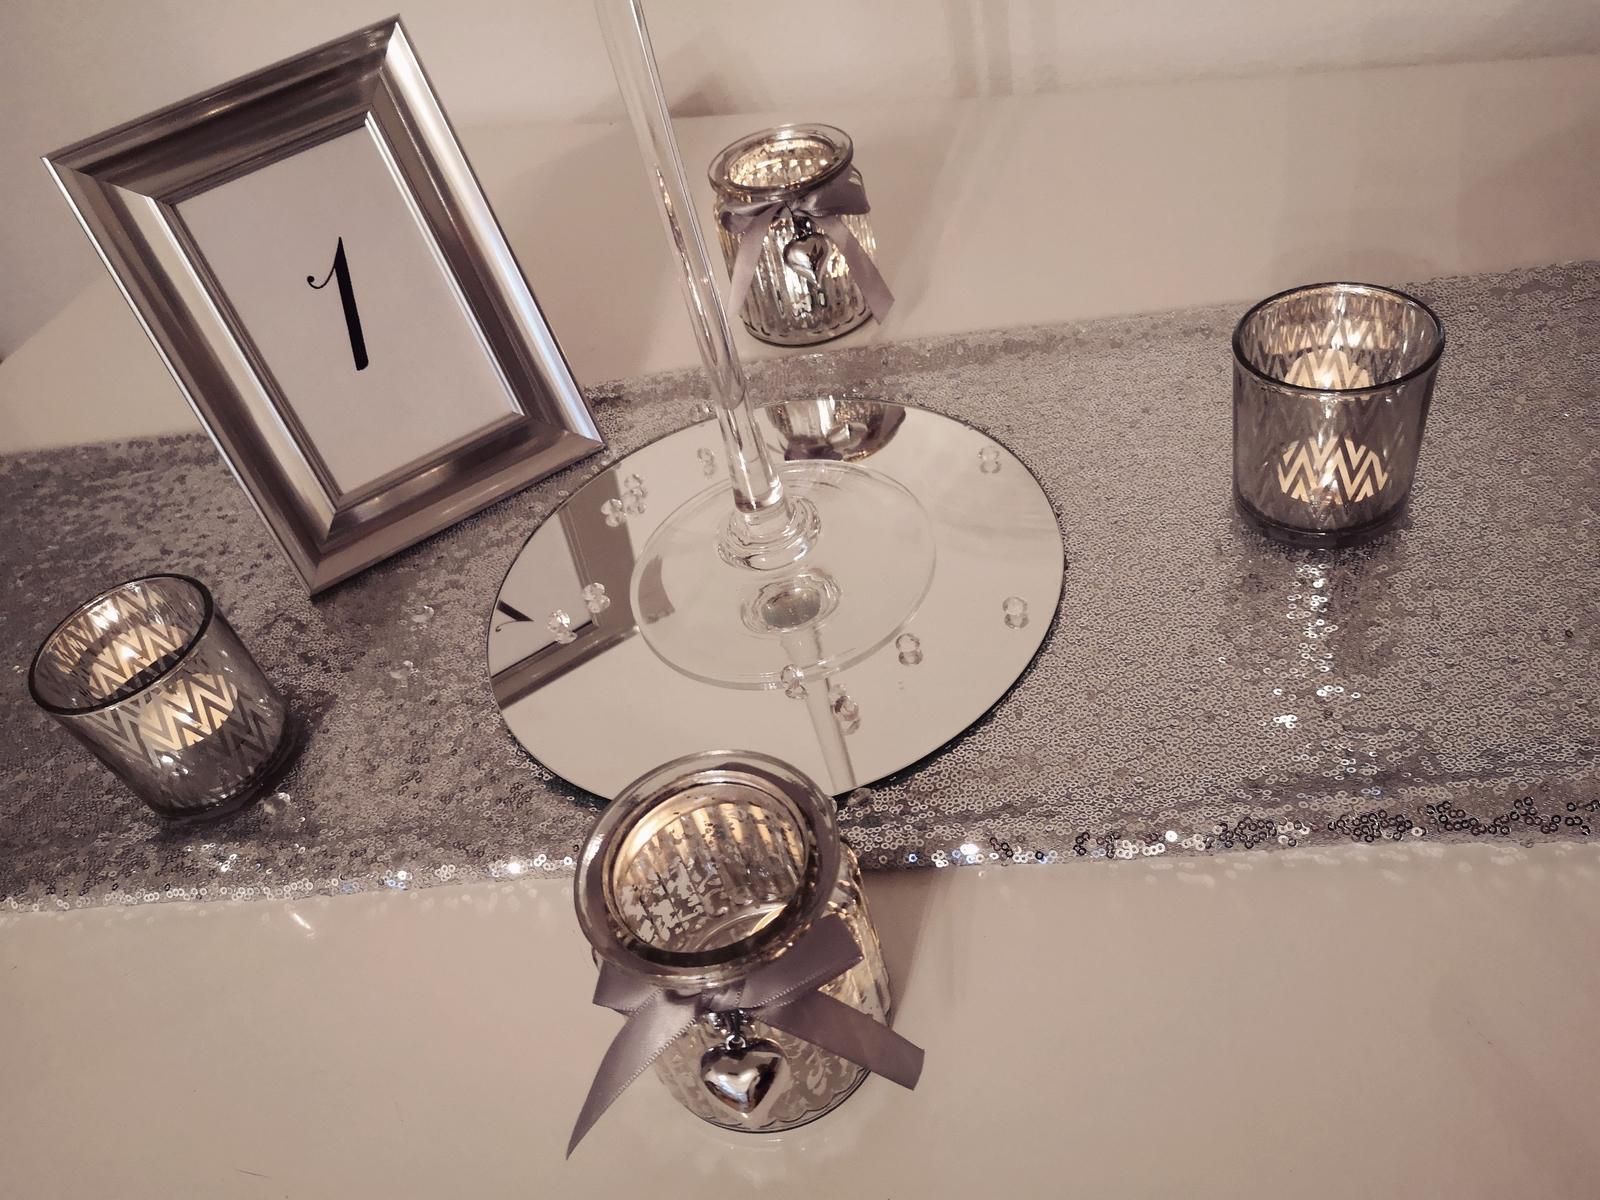 Dekorácie stolov pre svadobných hostí - Obrázok č. 3